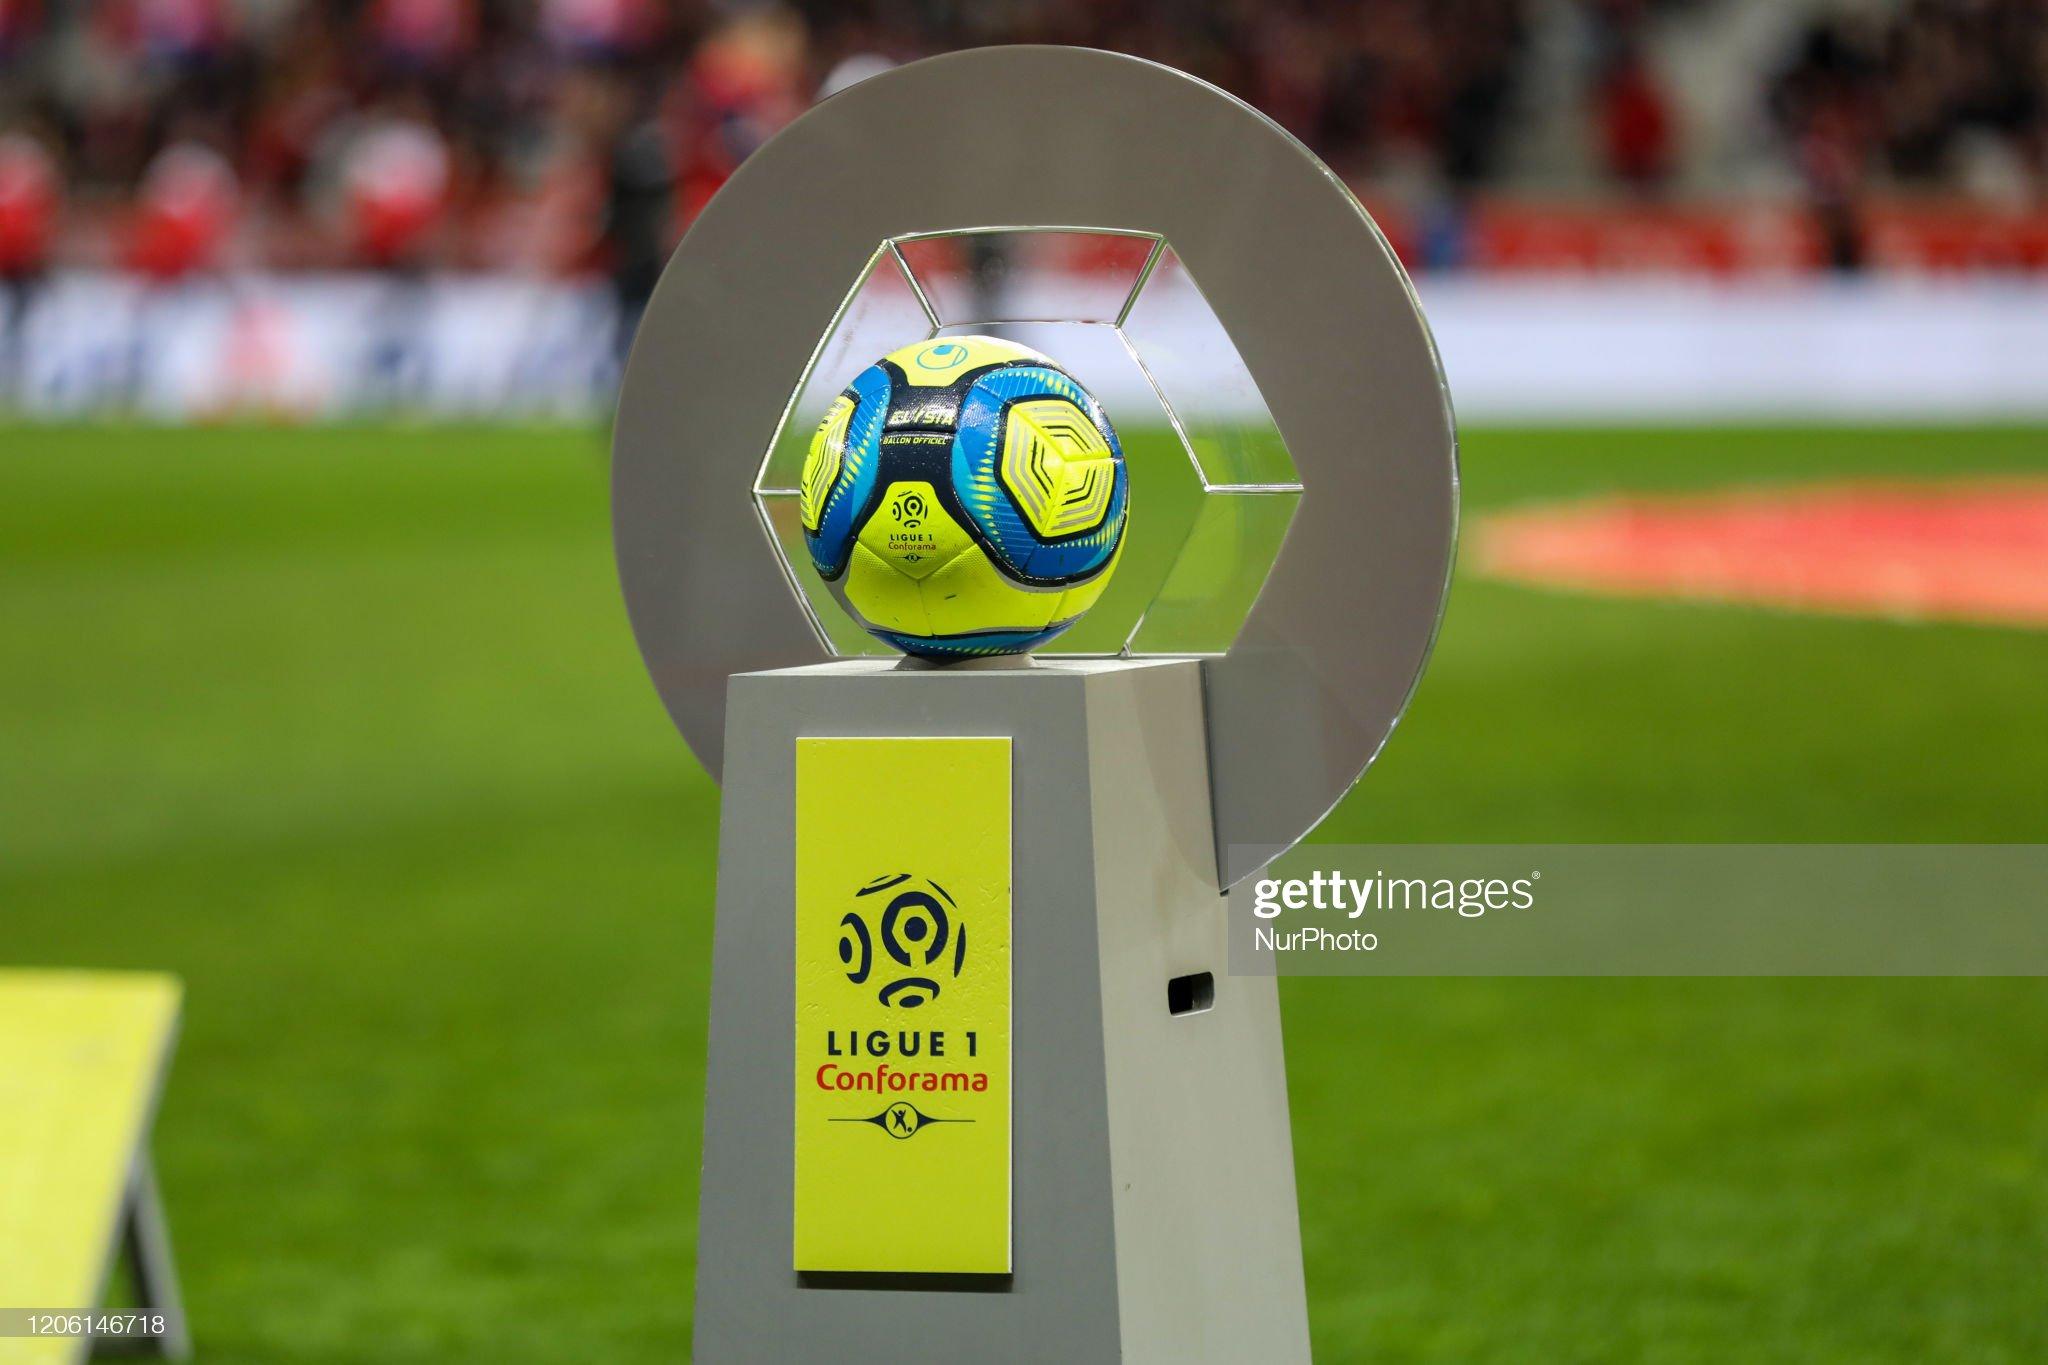 Ligue 1 : ニュース写真